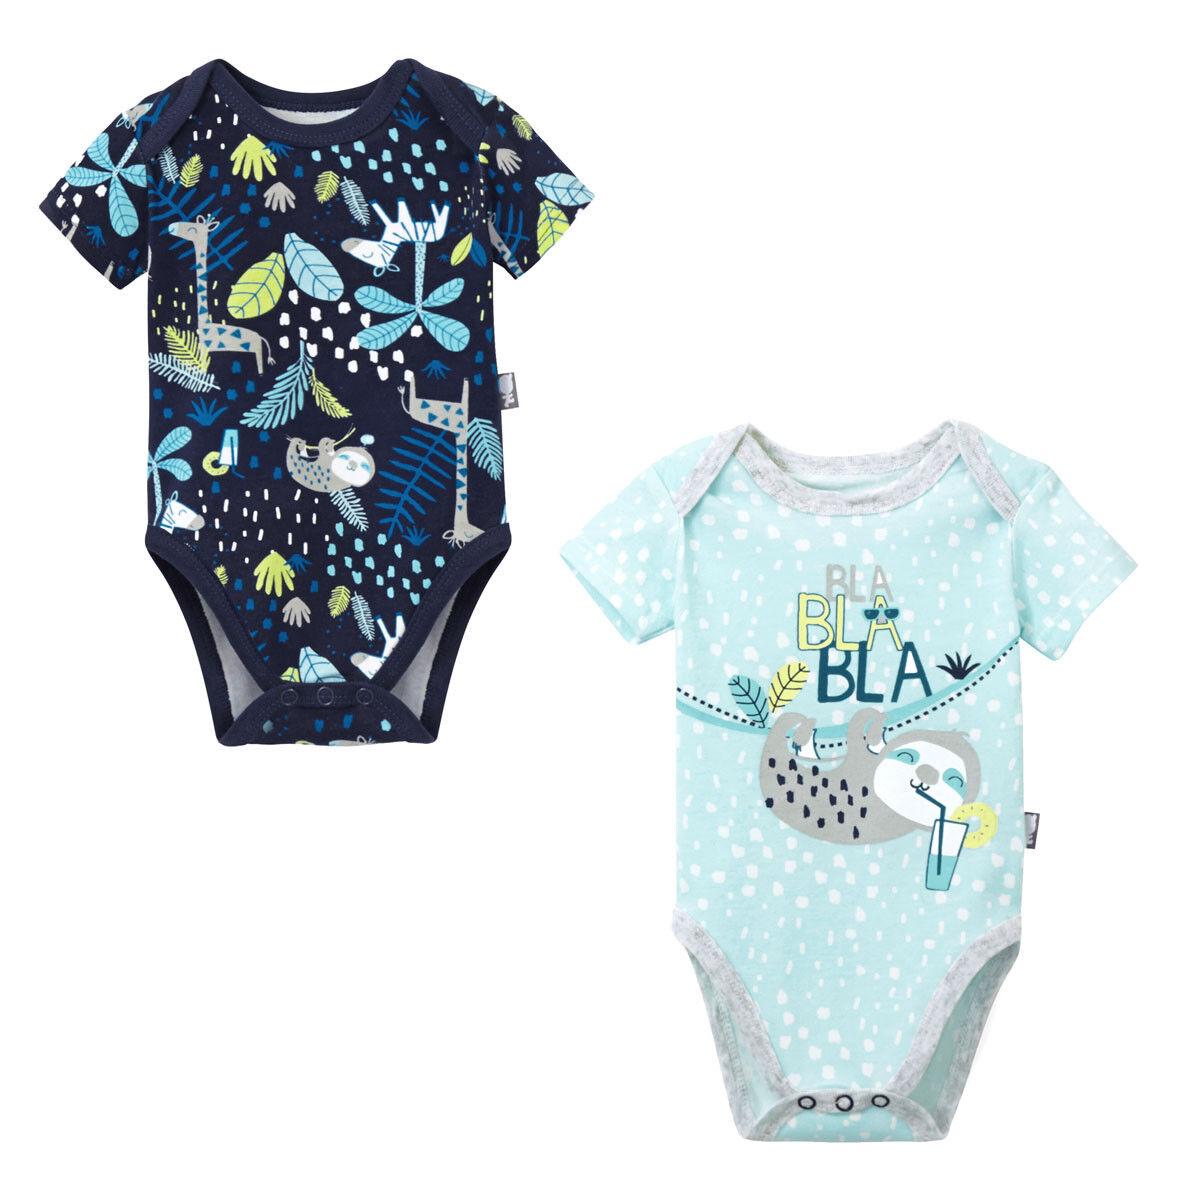 Petit Béguin Lot de 2 bodies bébé garçon manches courtes Pampa - Taille - 9 mois